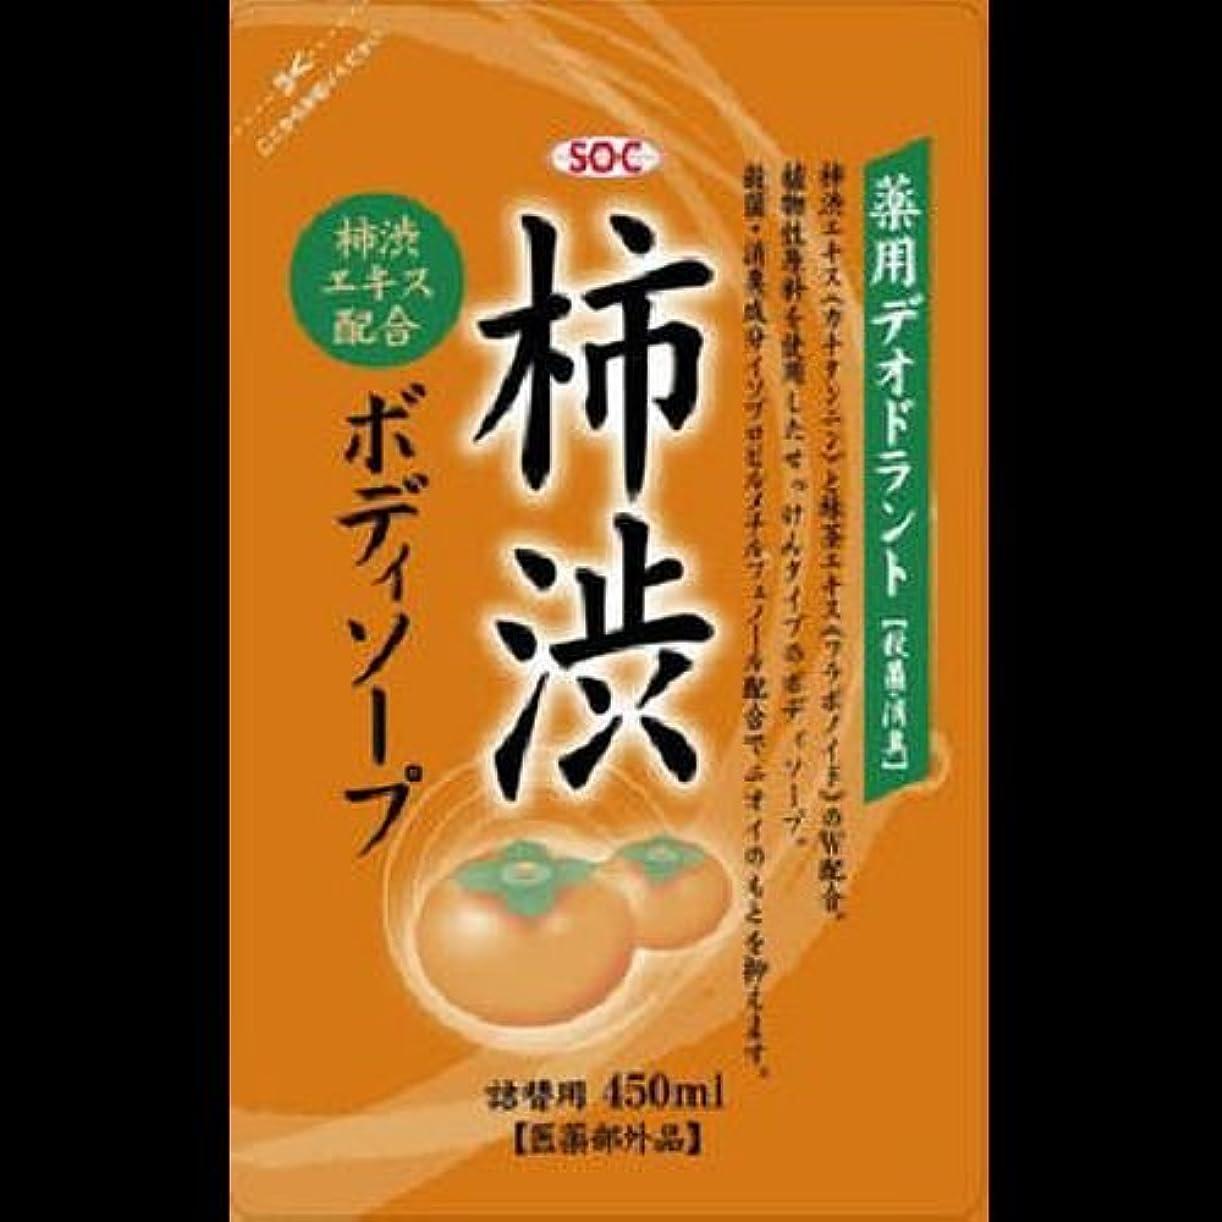 フィルタ作物コショウSOC 薬用柿渋ボディソープ 詰替 450ml ×2セット